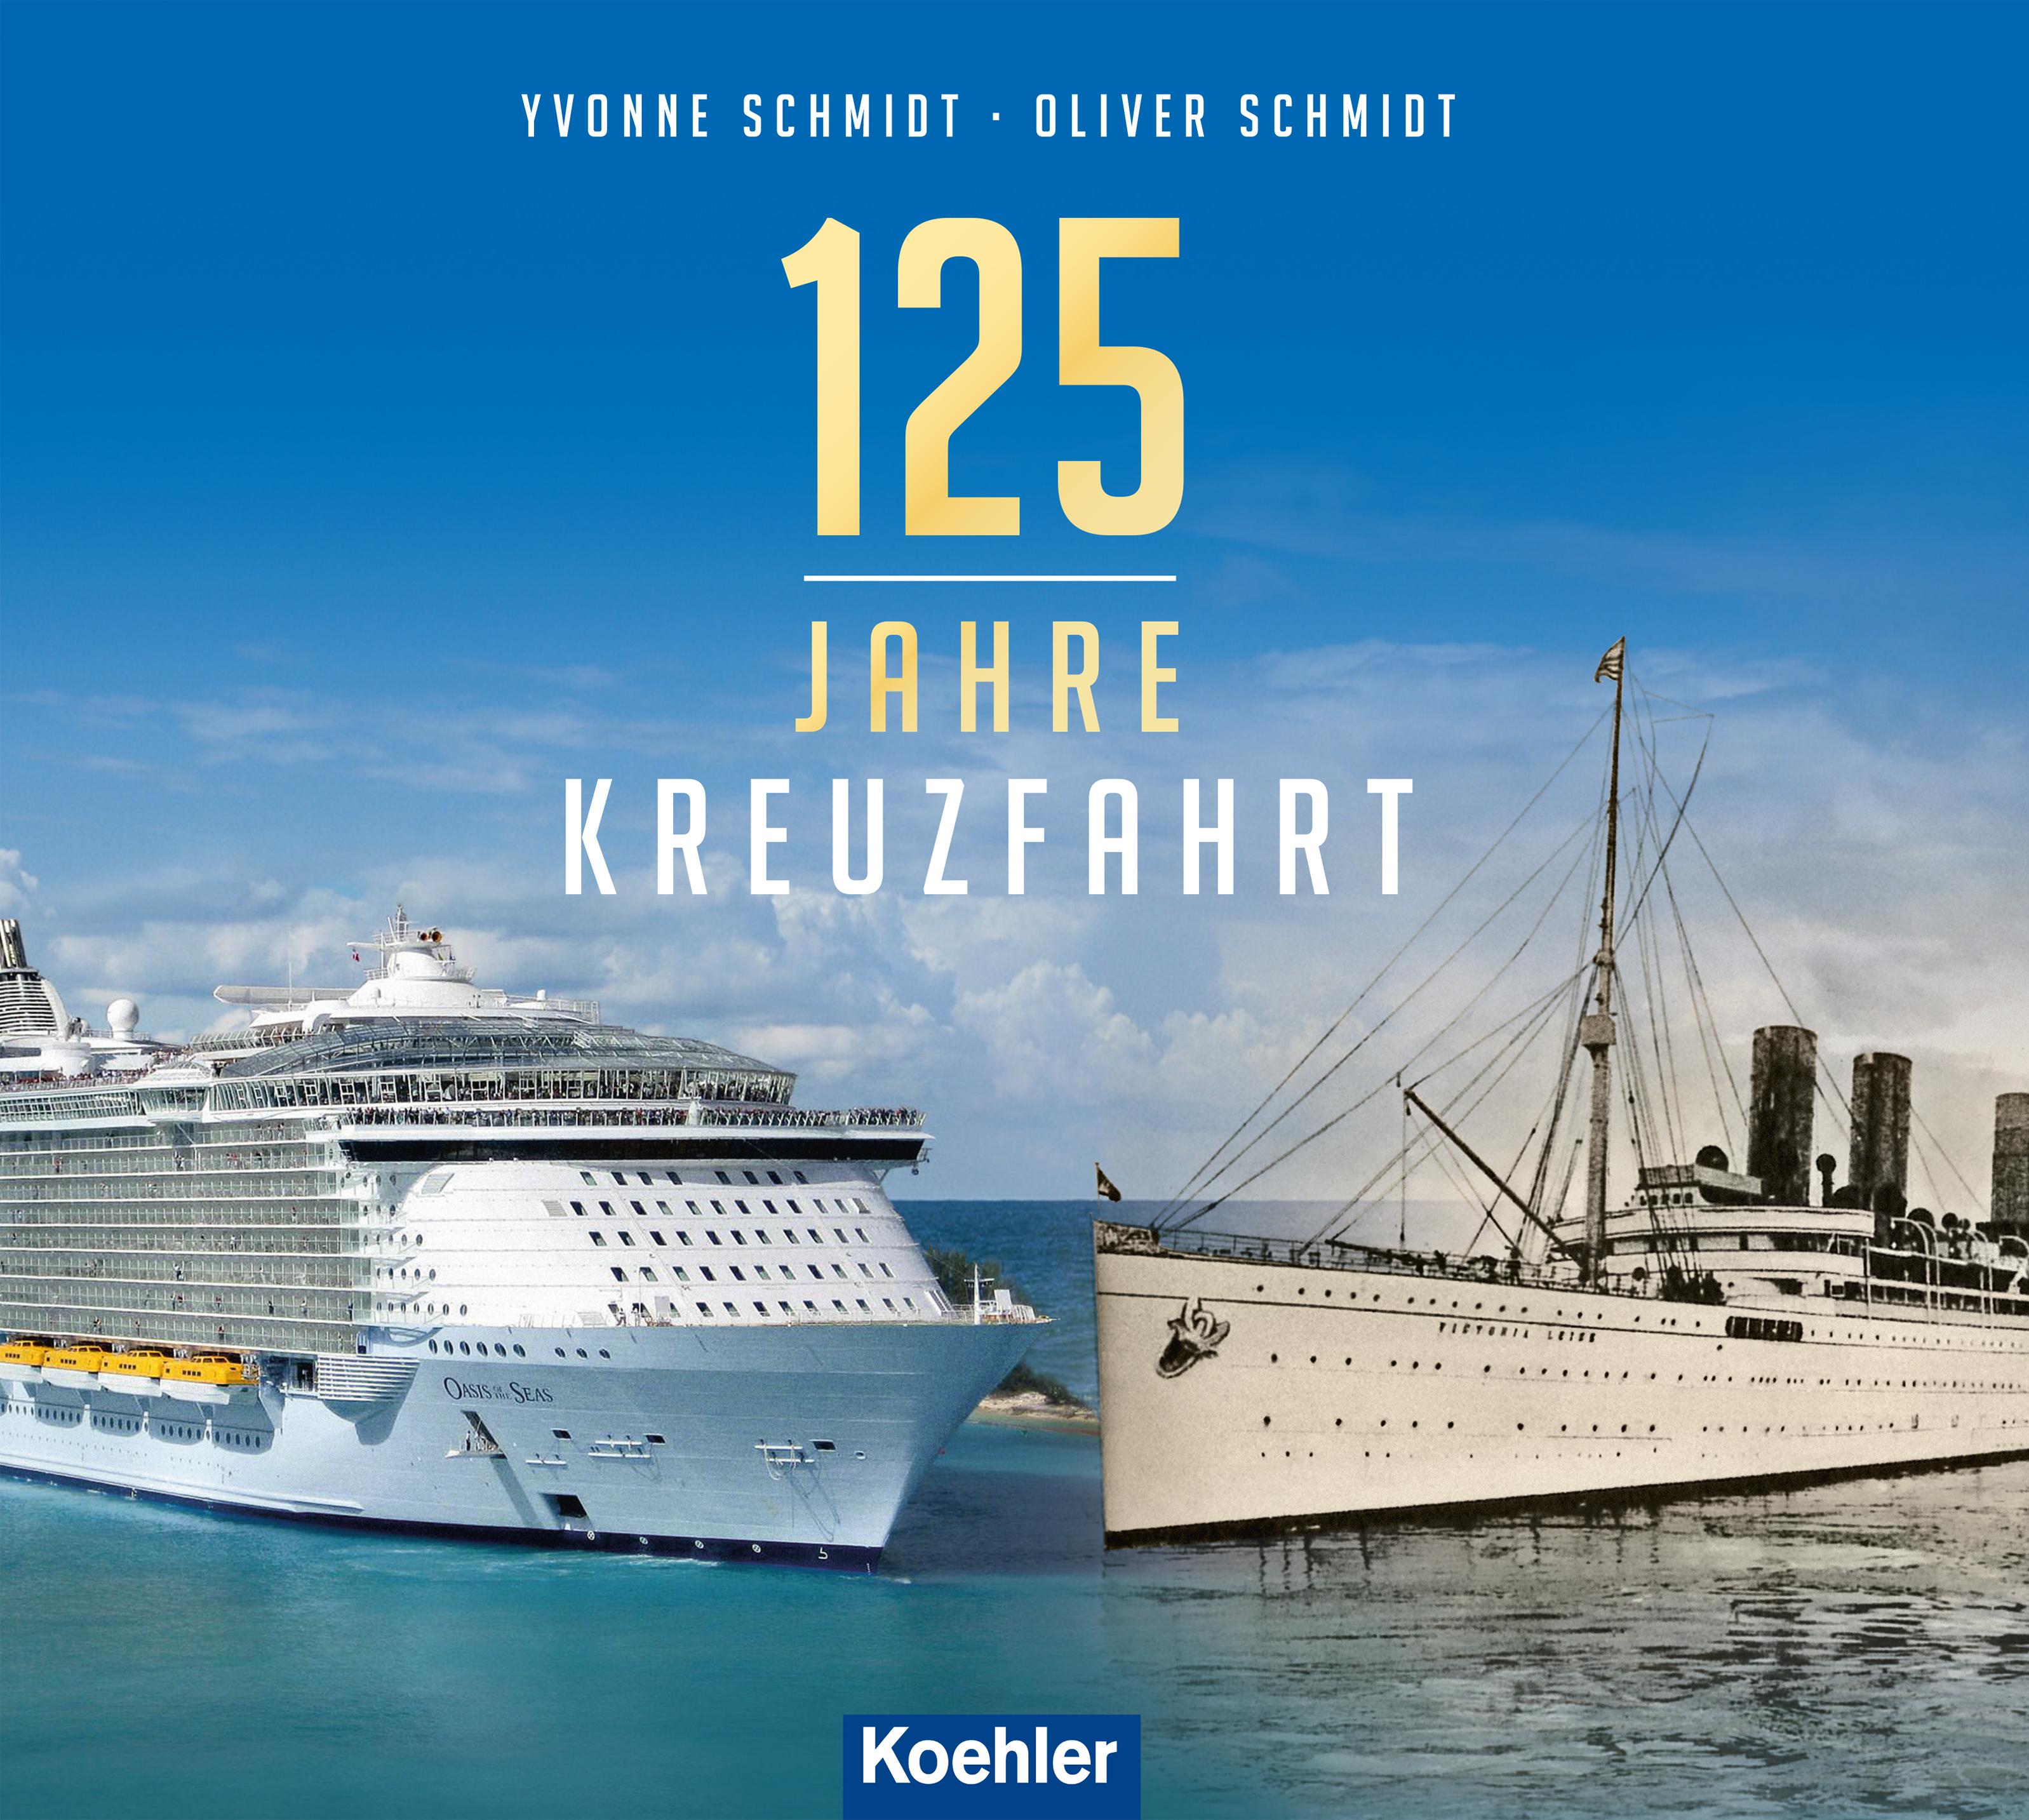 Oliver Schmidt 125 Jahre Kreuzfahrt